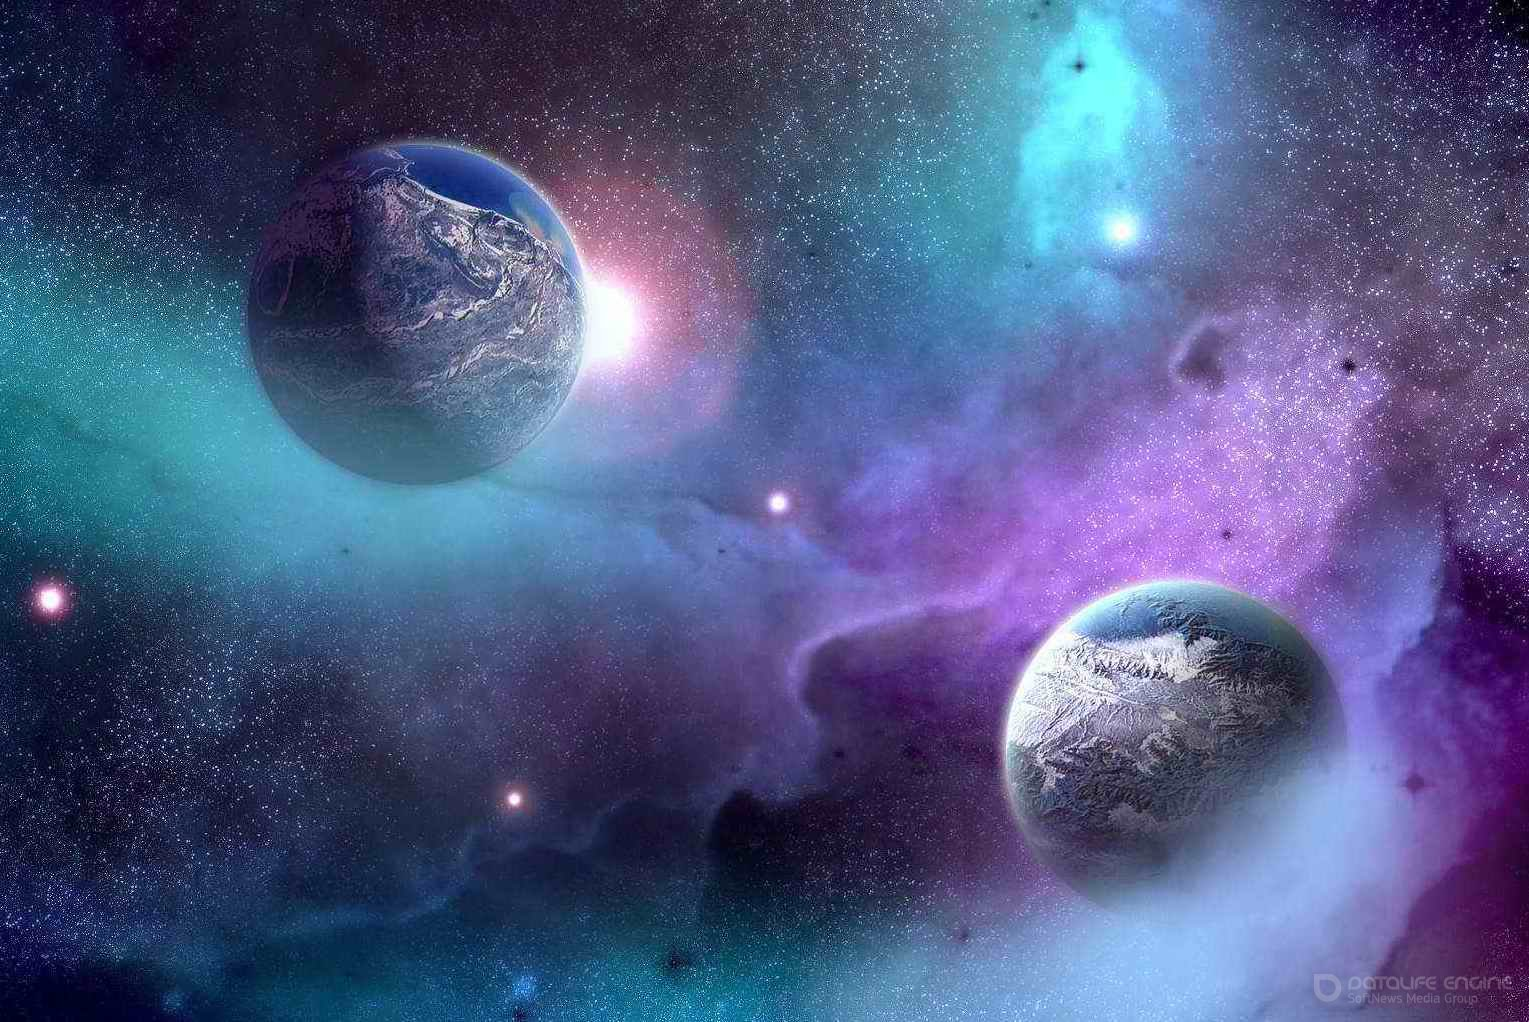 Страны, которые исследуют космос, автоматически повышают свое место в мире.